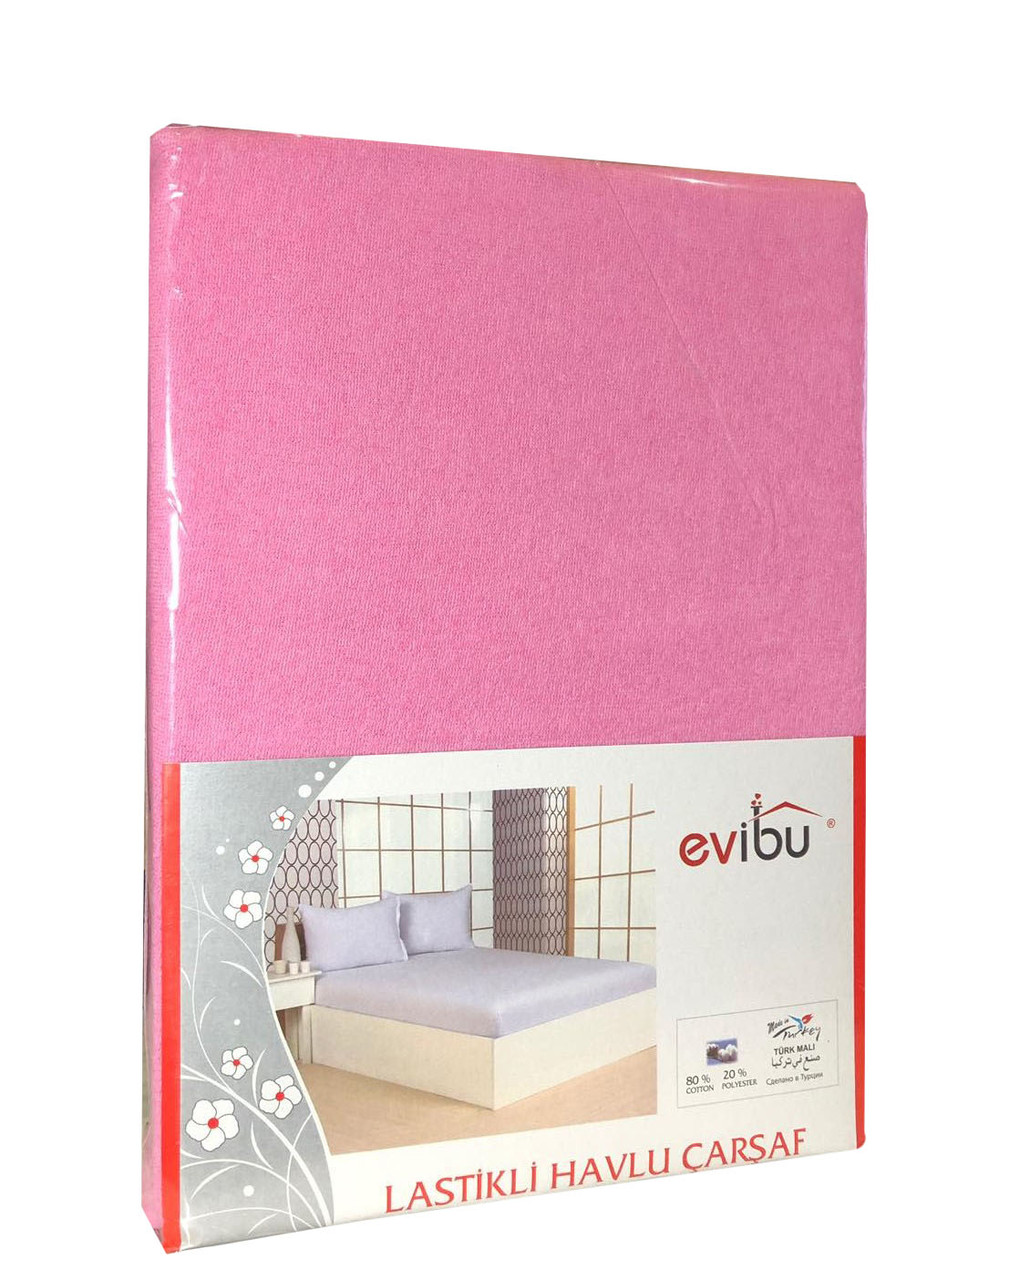 Махрове простирадло на гумці з наволочками на матрац 180*200 см Рожевий